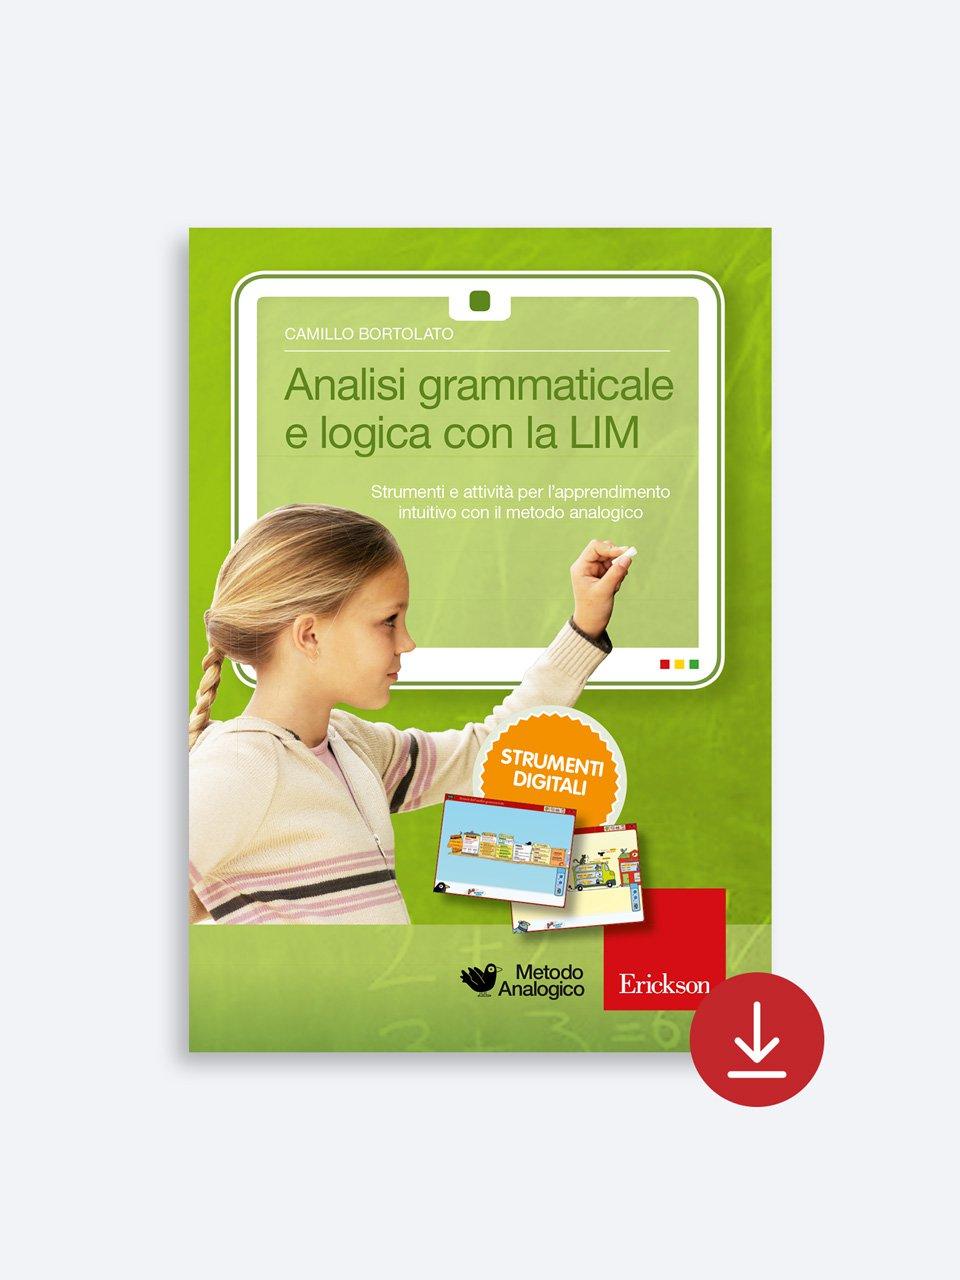 Analisi grammaticale e logica con la LIM - Metodo Analogico altre proposte - Erickson 2